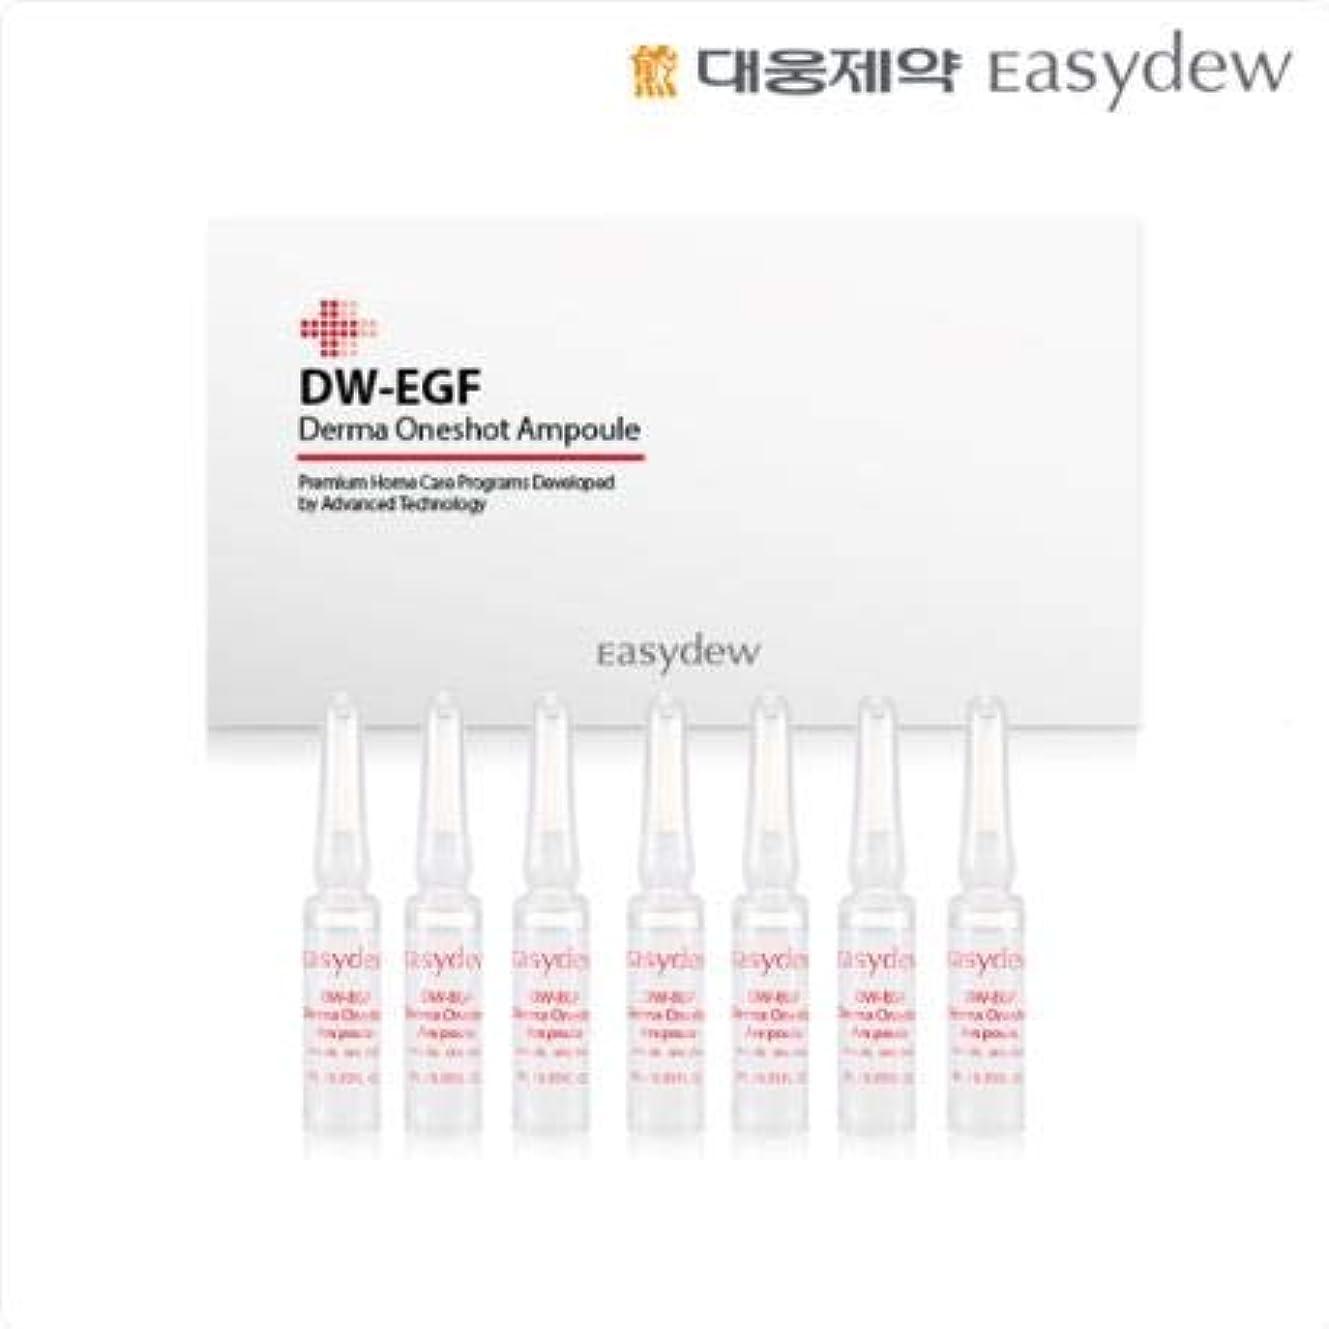 貴重な十年乱すEasydew DW-EGF ダマー ワンショット アンプル(1.2ml X 7本)[美.白?シワ.改善2重機能性化粧品] X Mask Pack 1p.